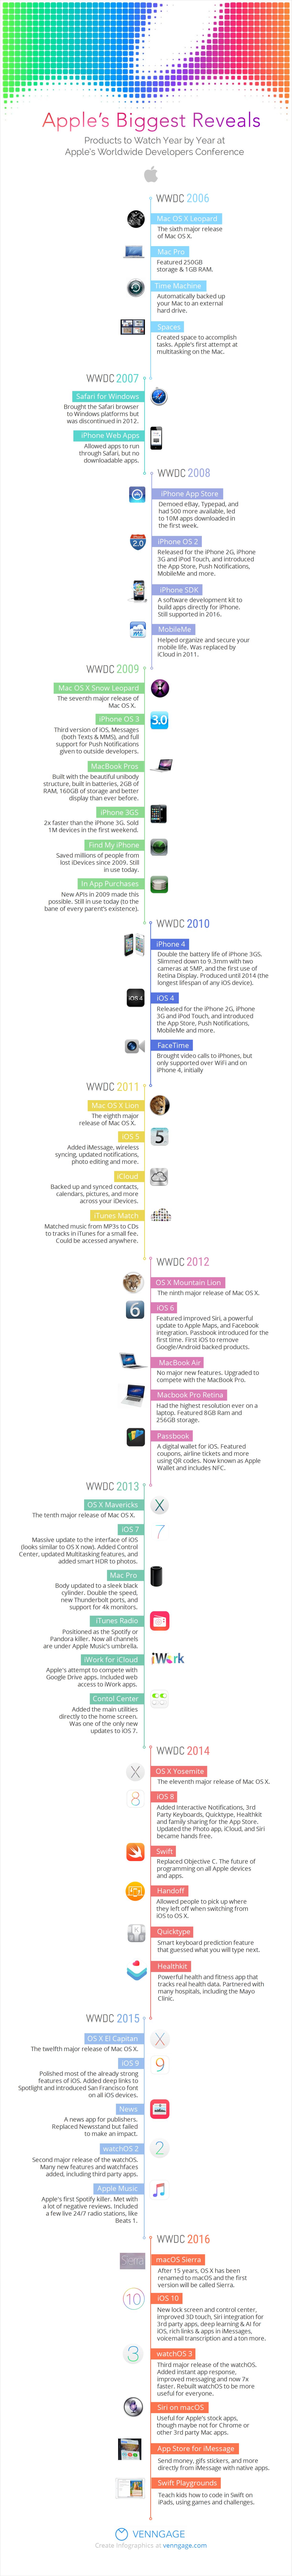 Apple WWDC 2016 Infographic